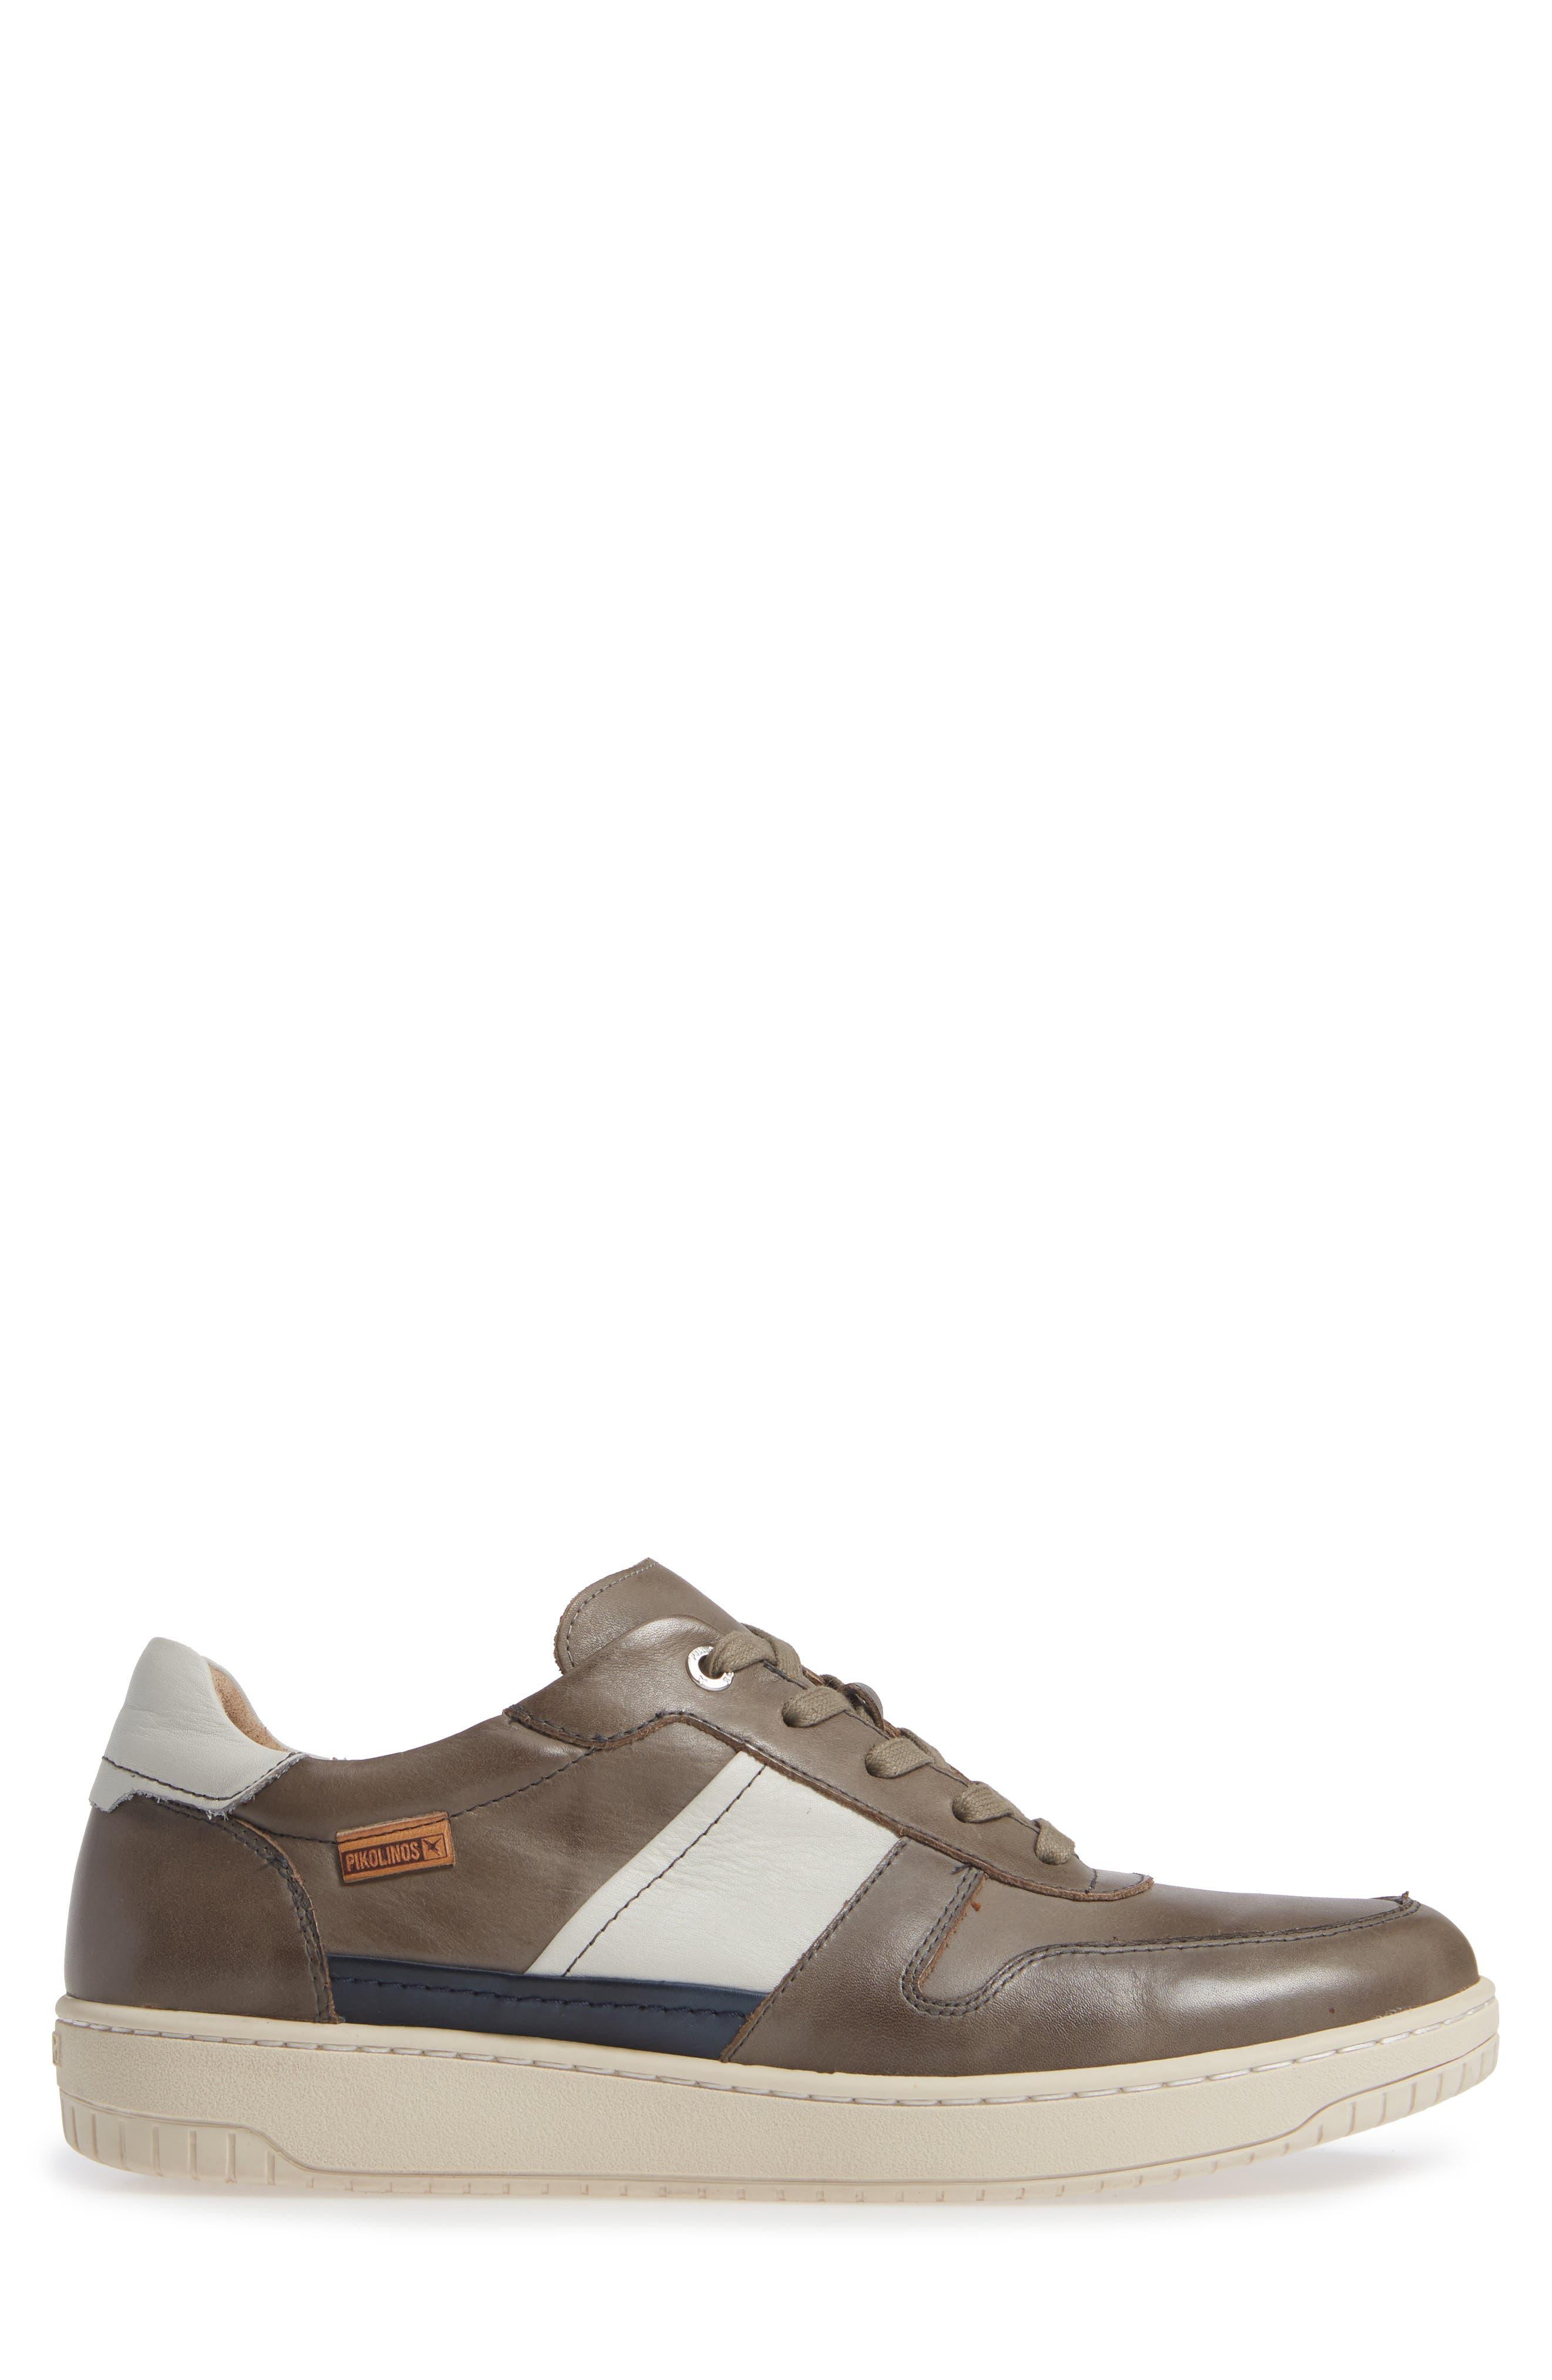 Corinto Sneaker,                             Alternate thumbnail 3, color,                             021